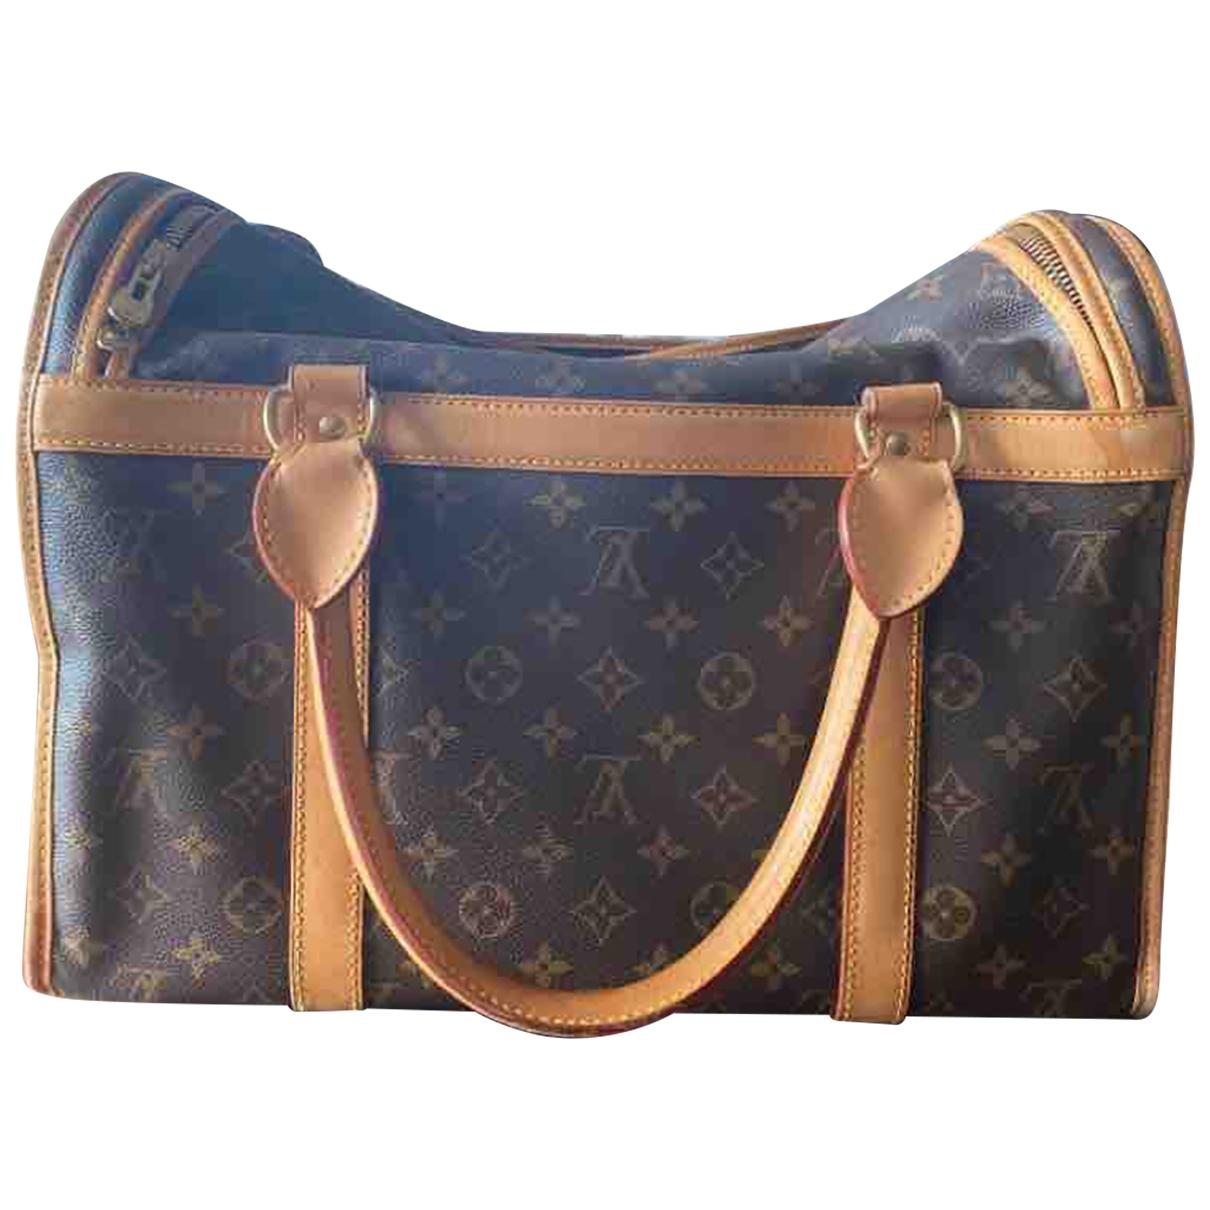 Louis Vuitton - Accessoires   pour lifestyle en coton - marron